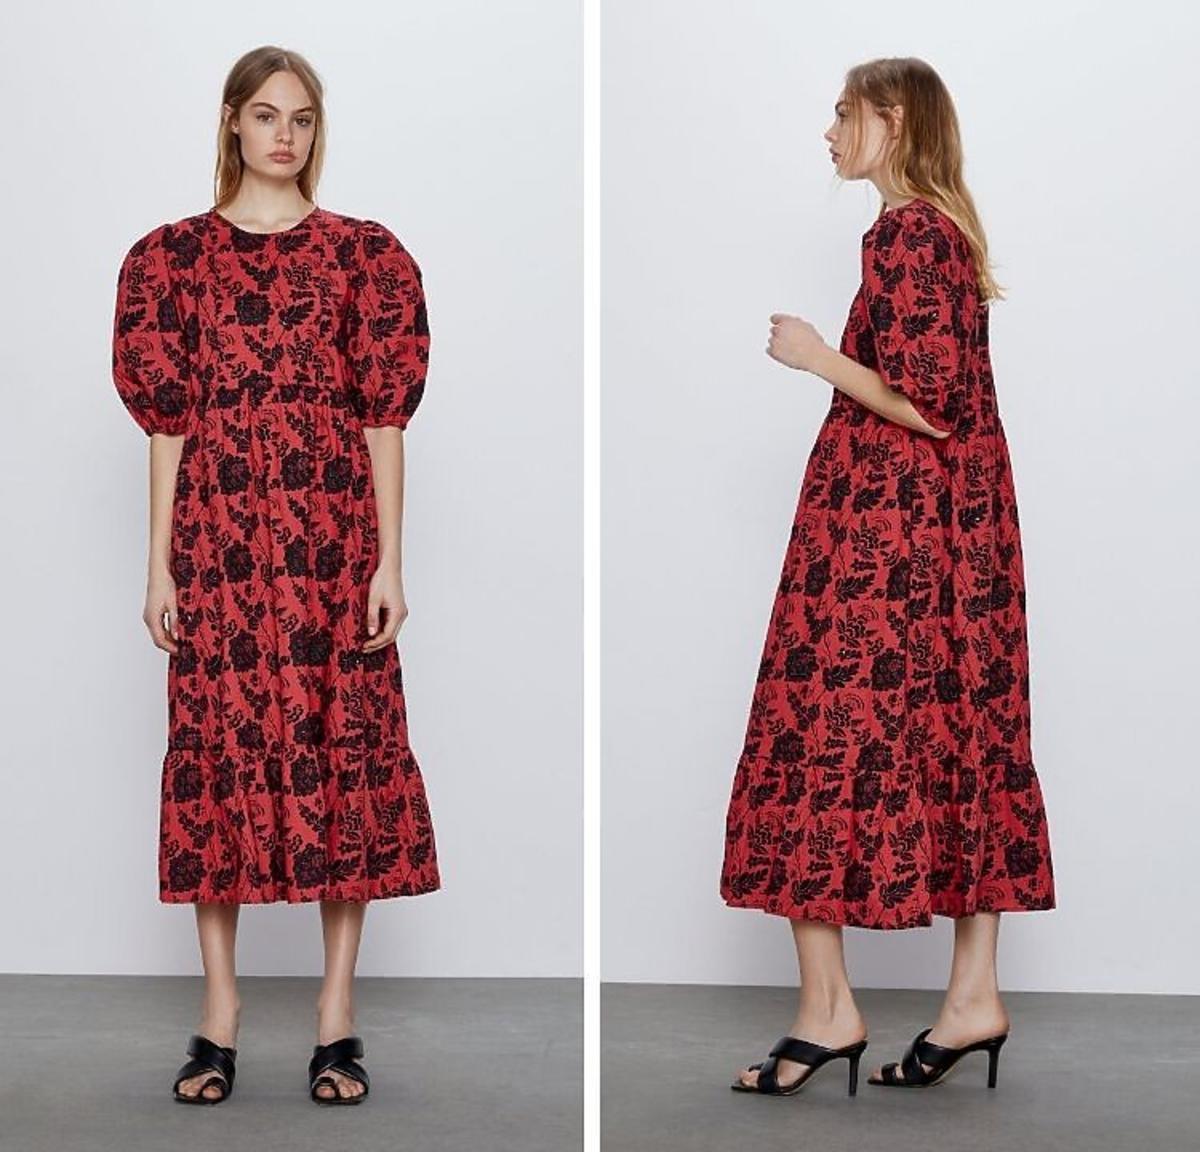 Sukienka w kwiaty wyprzedaż 2020 Zara